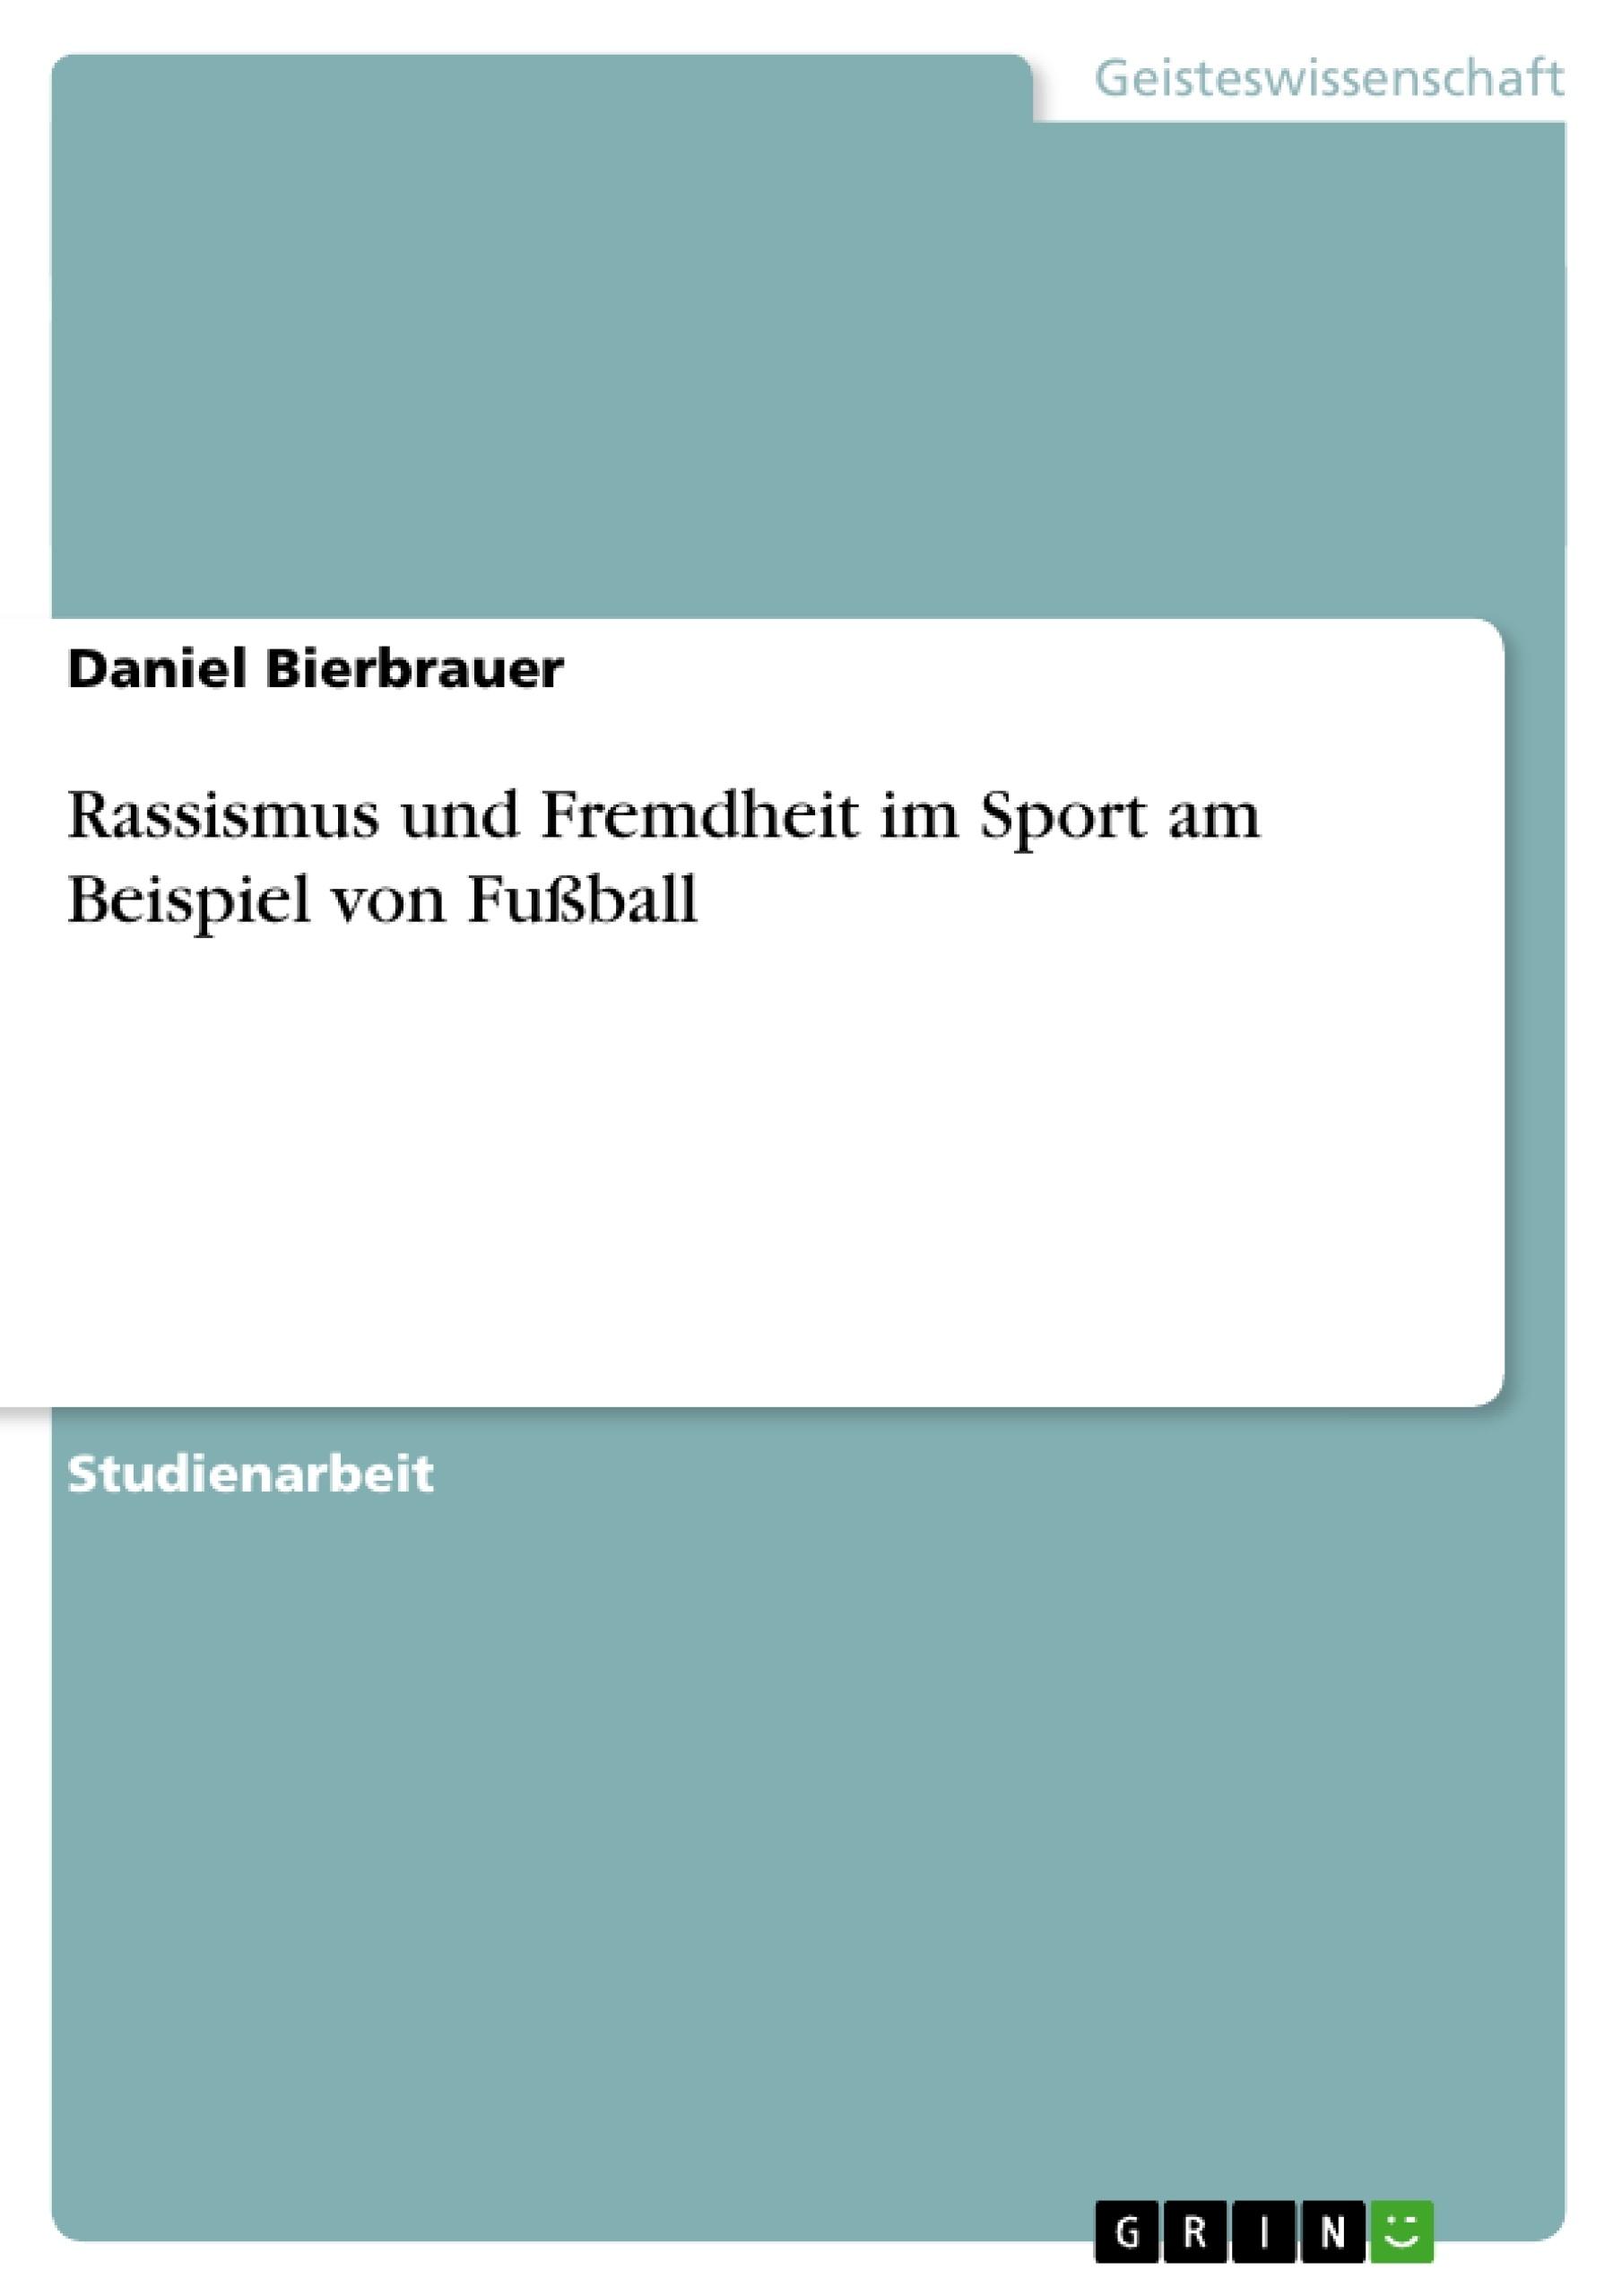 Titel: Rassismus und Fremdheit im Sport am Beispiel von Fußball